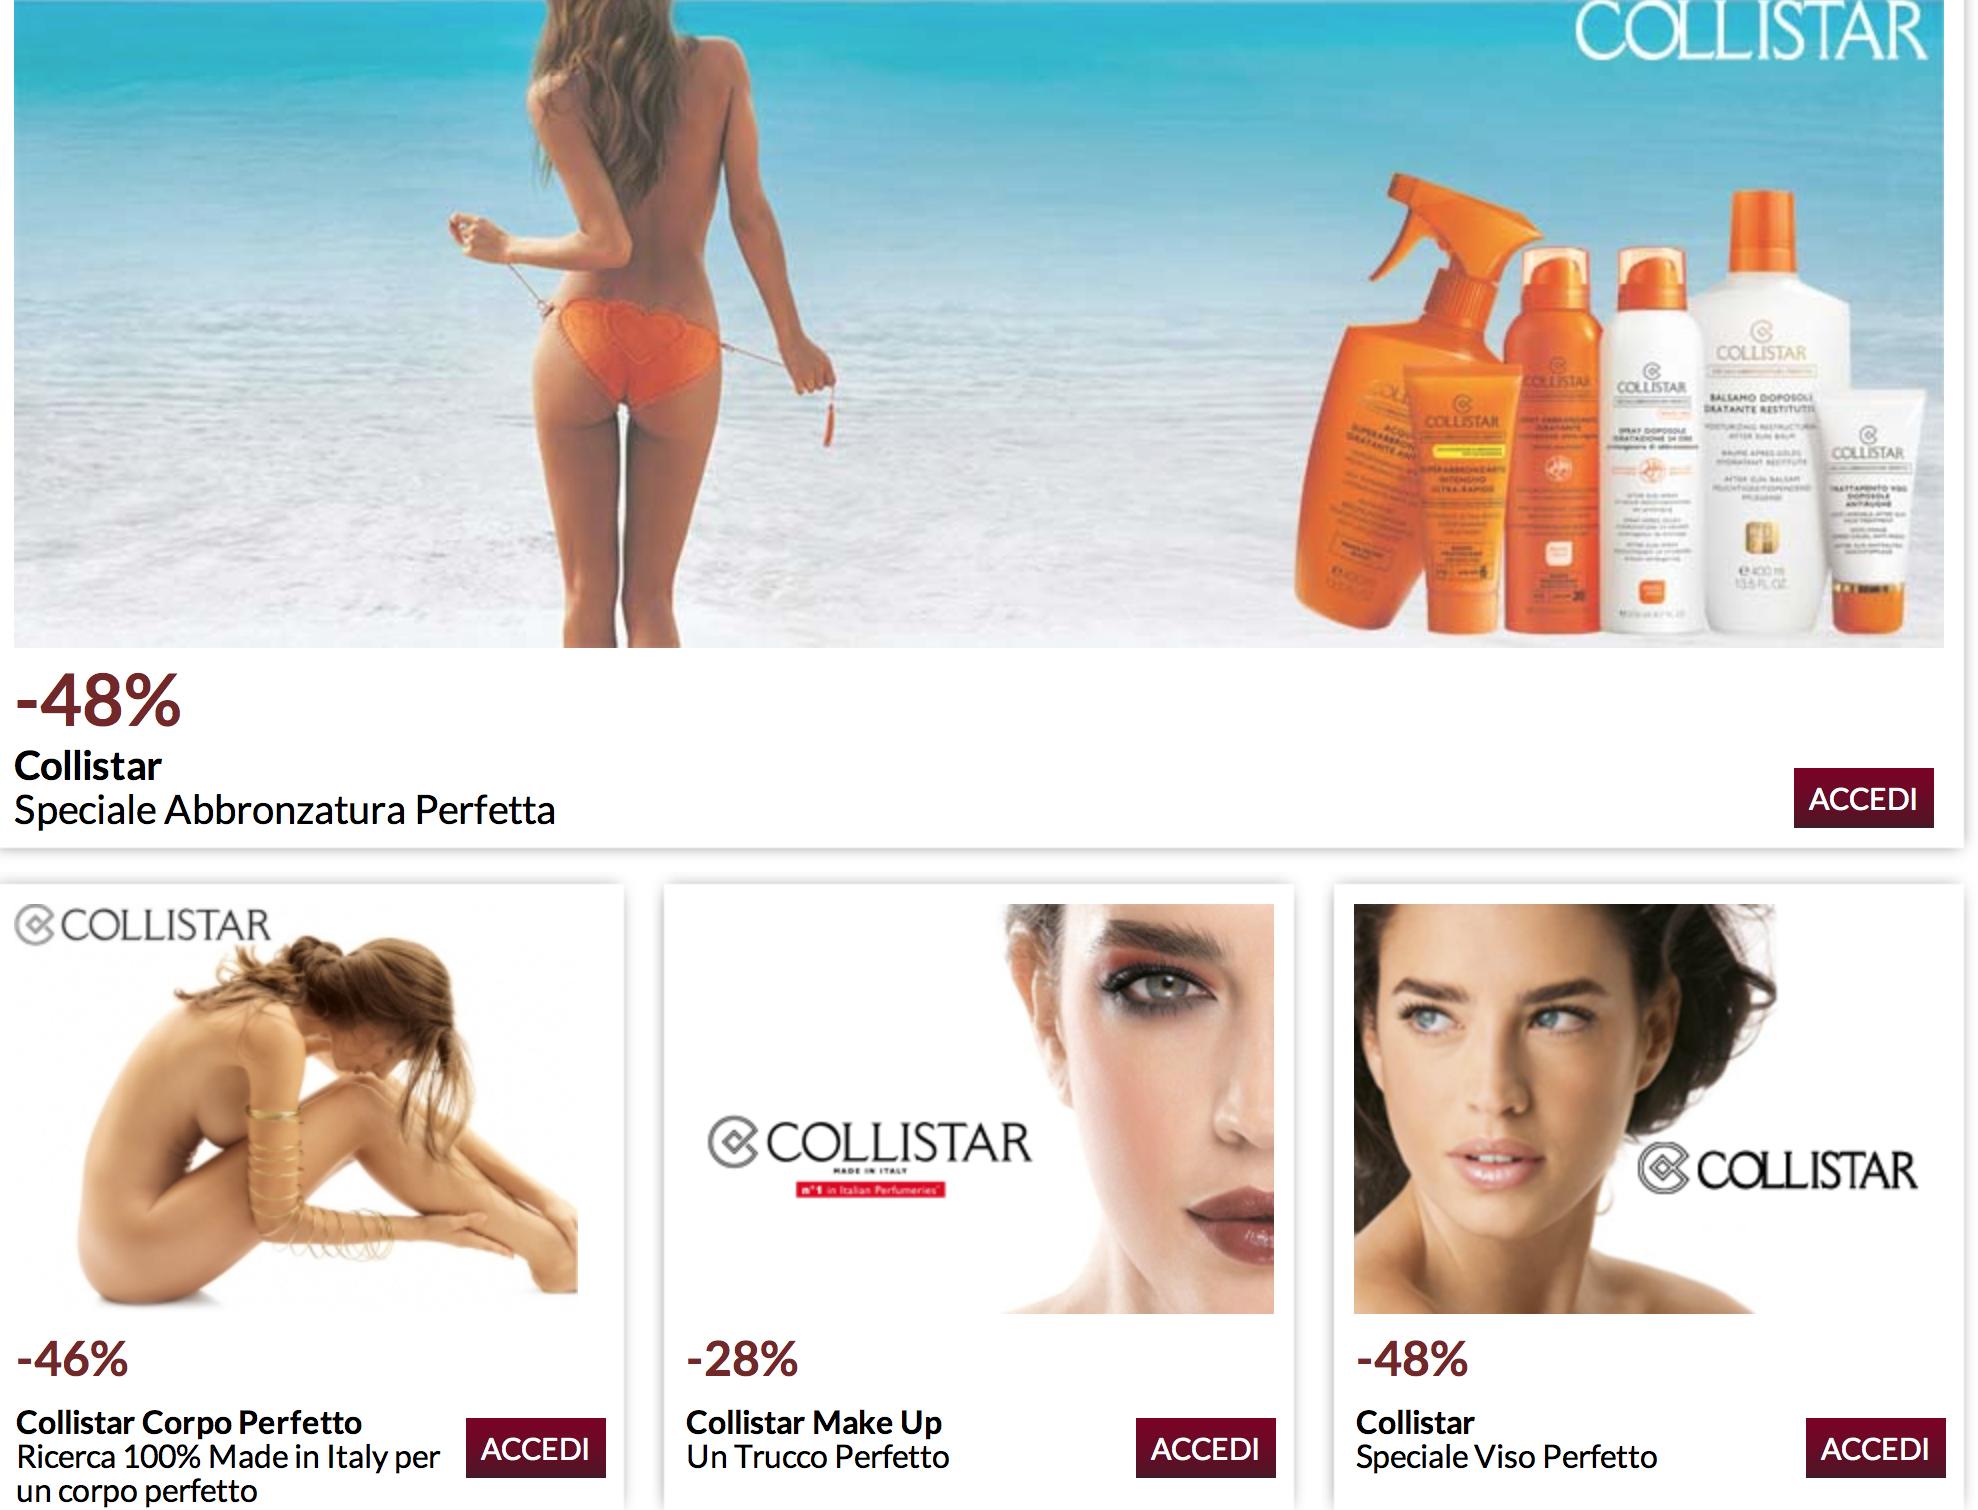 """SUMMER 2013: """" IL MONDO COLLISTAR -48 %  AL PREZZO PIU' BASSO SU WEB SECONDO TUTTI I COMPARATORI:TROVAPREZZI,KELKOO,CIAO,GOOGLE SHOPPING.......  http://www.beautyprive.it/  SOLO SU BEAUTYPRIVE'.it IN 3 GIORNI LAVORATIVI A CASA TUA CON UNA SPLENDIDA CONFEZIONE REGALO"""